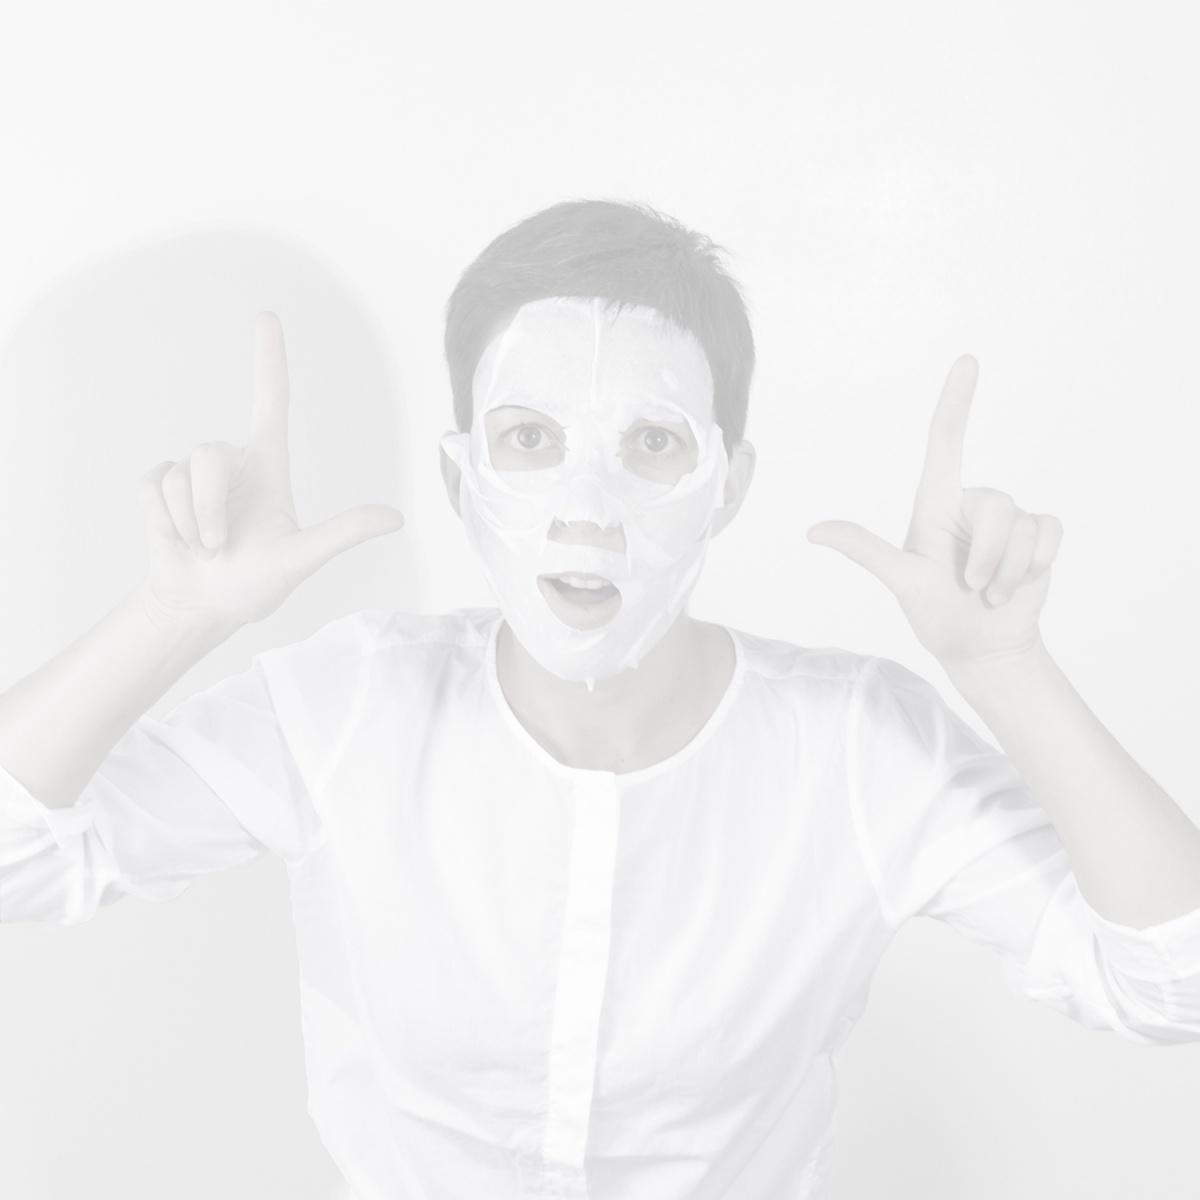 legaminismi-arte-ritratto-elena-dandrea-medulla-studio